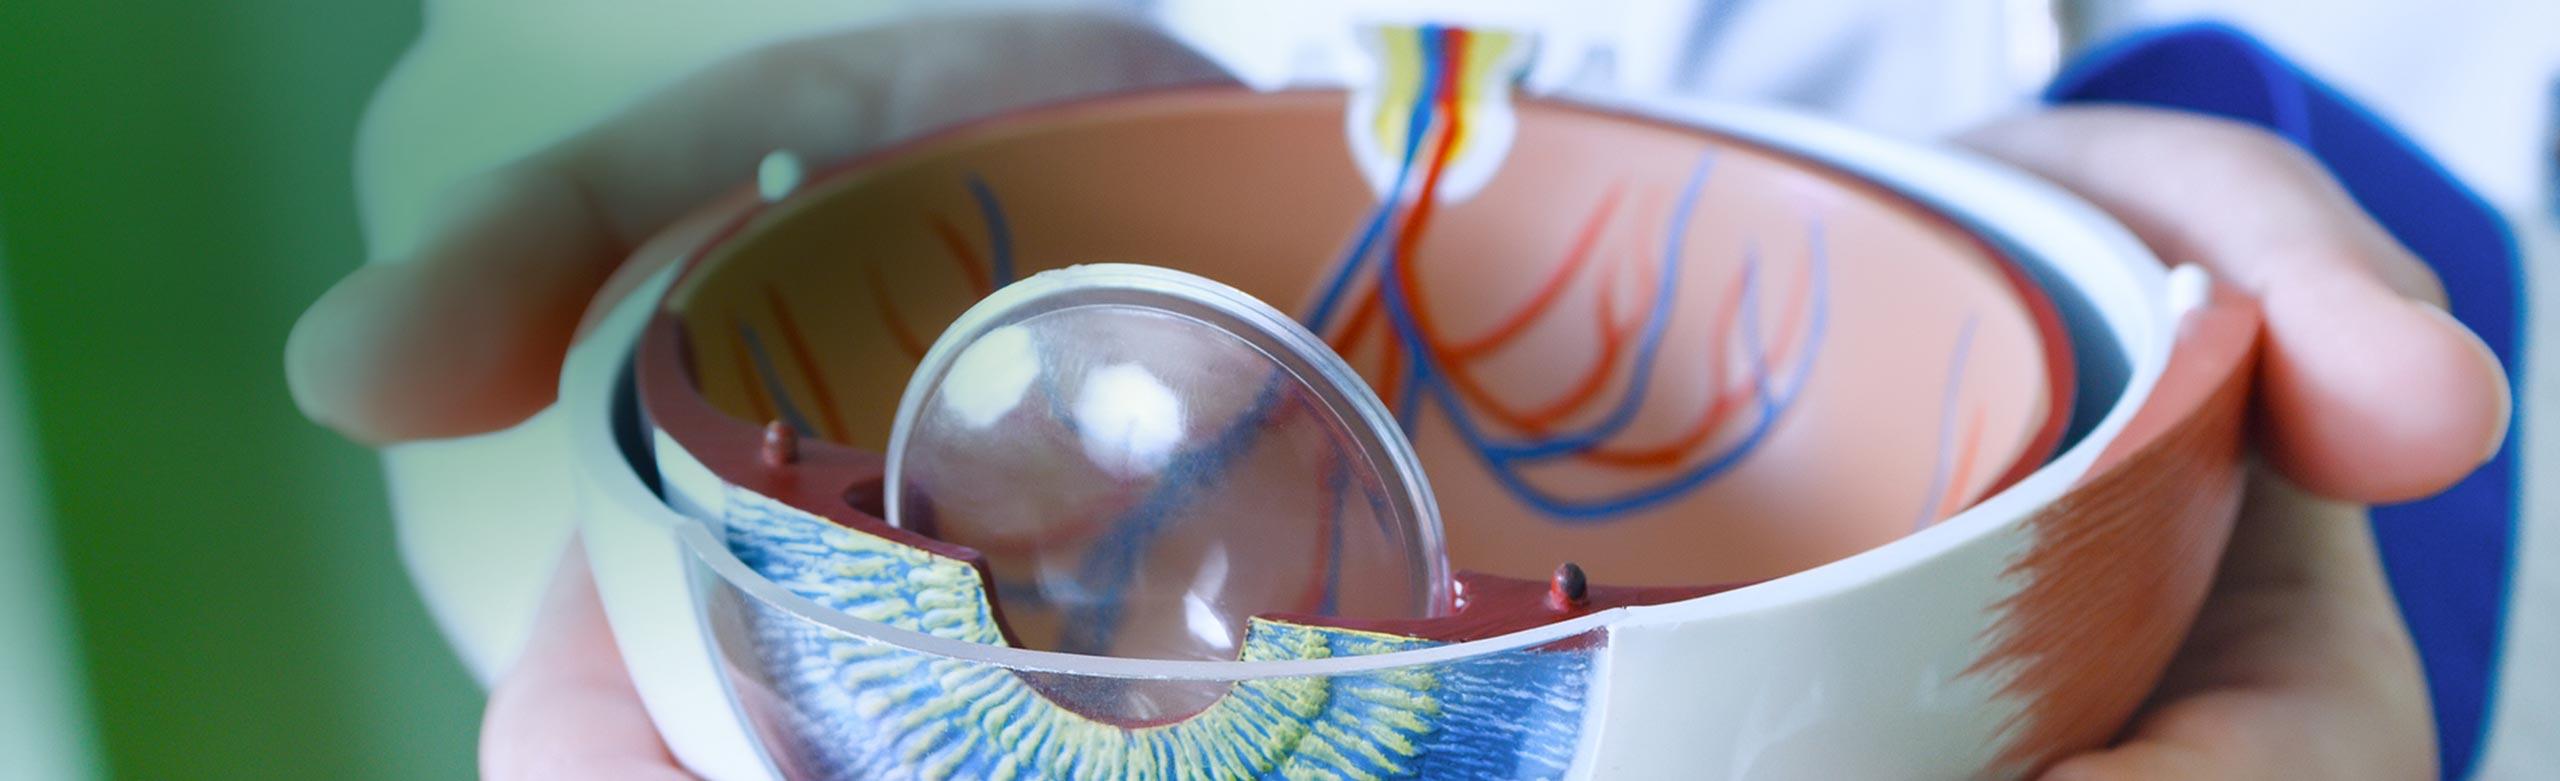 Immagine di mani che tengono un occhio di plastica anatomico